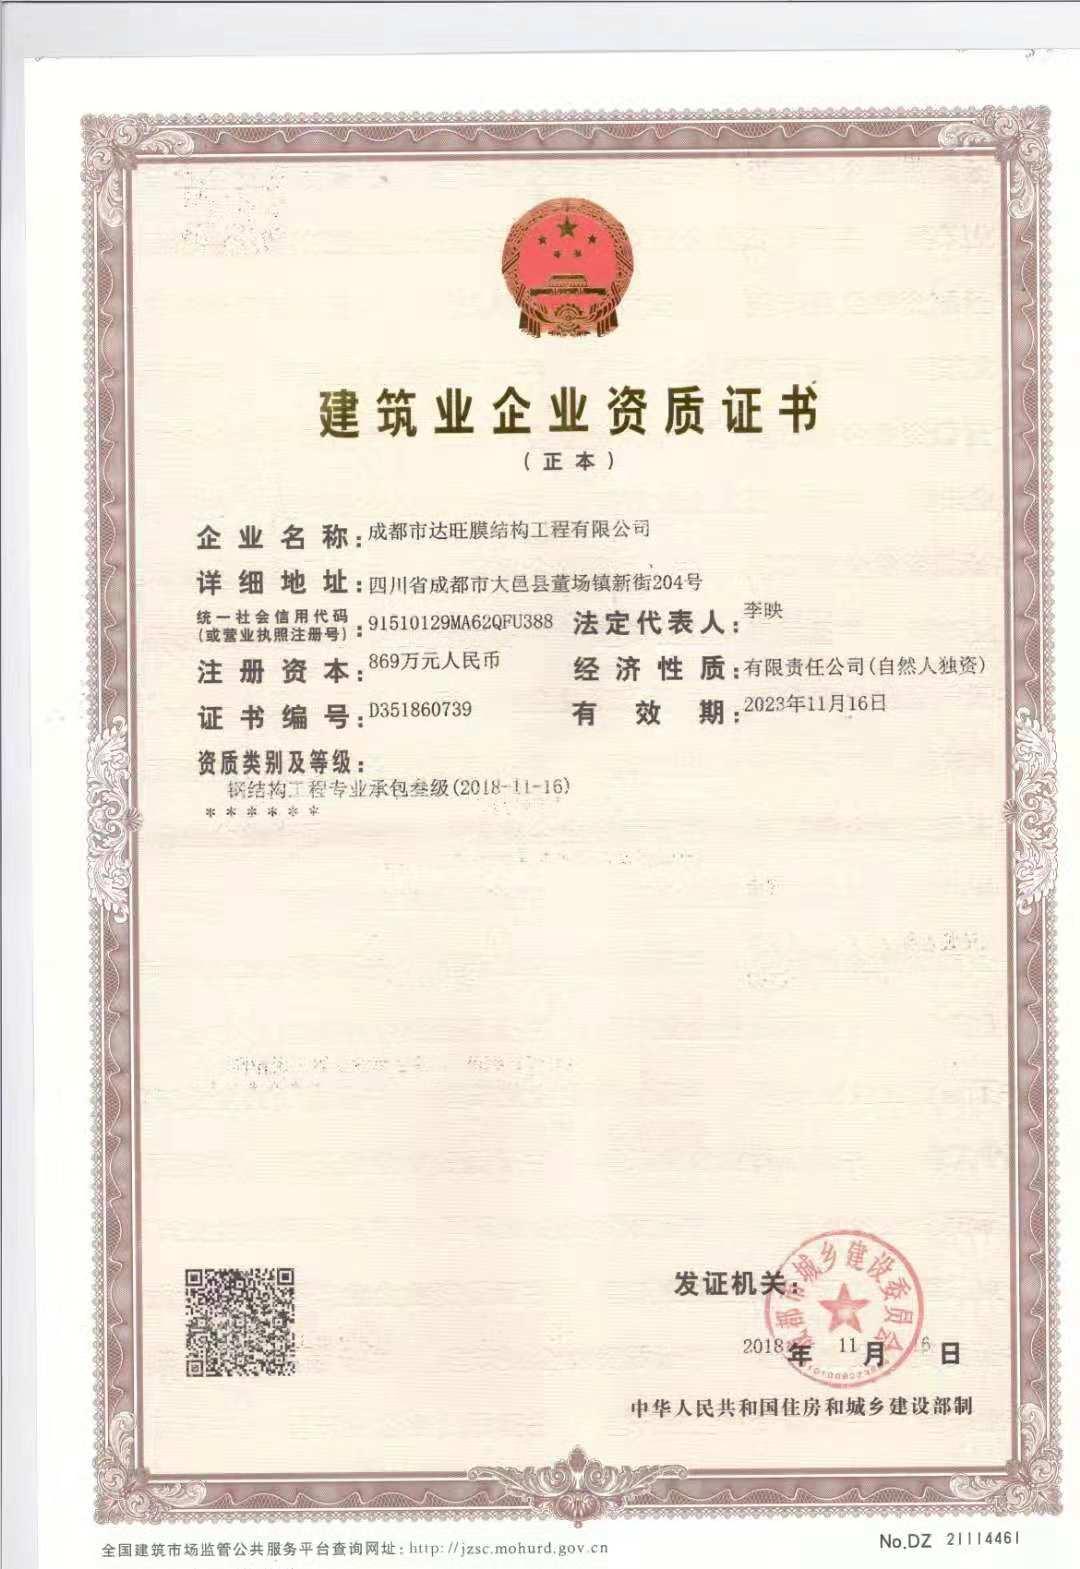 钢结构工程专业承包叁级证书